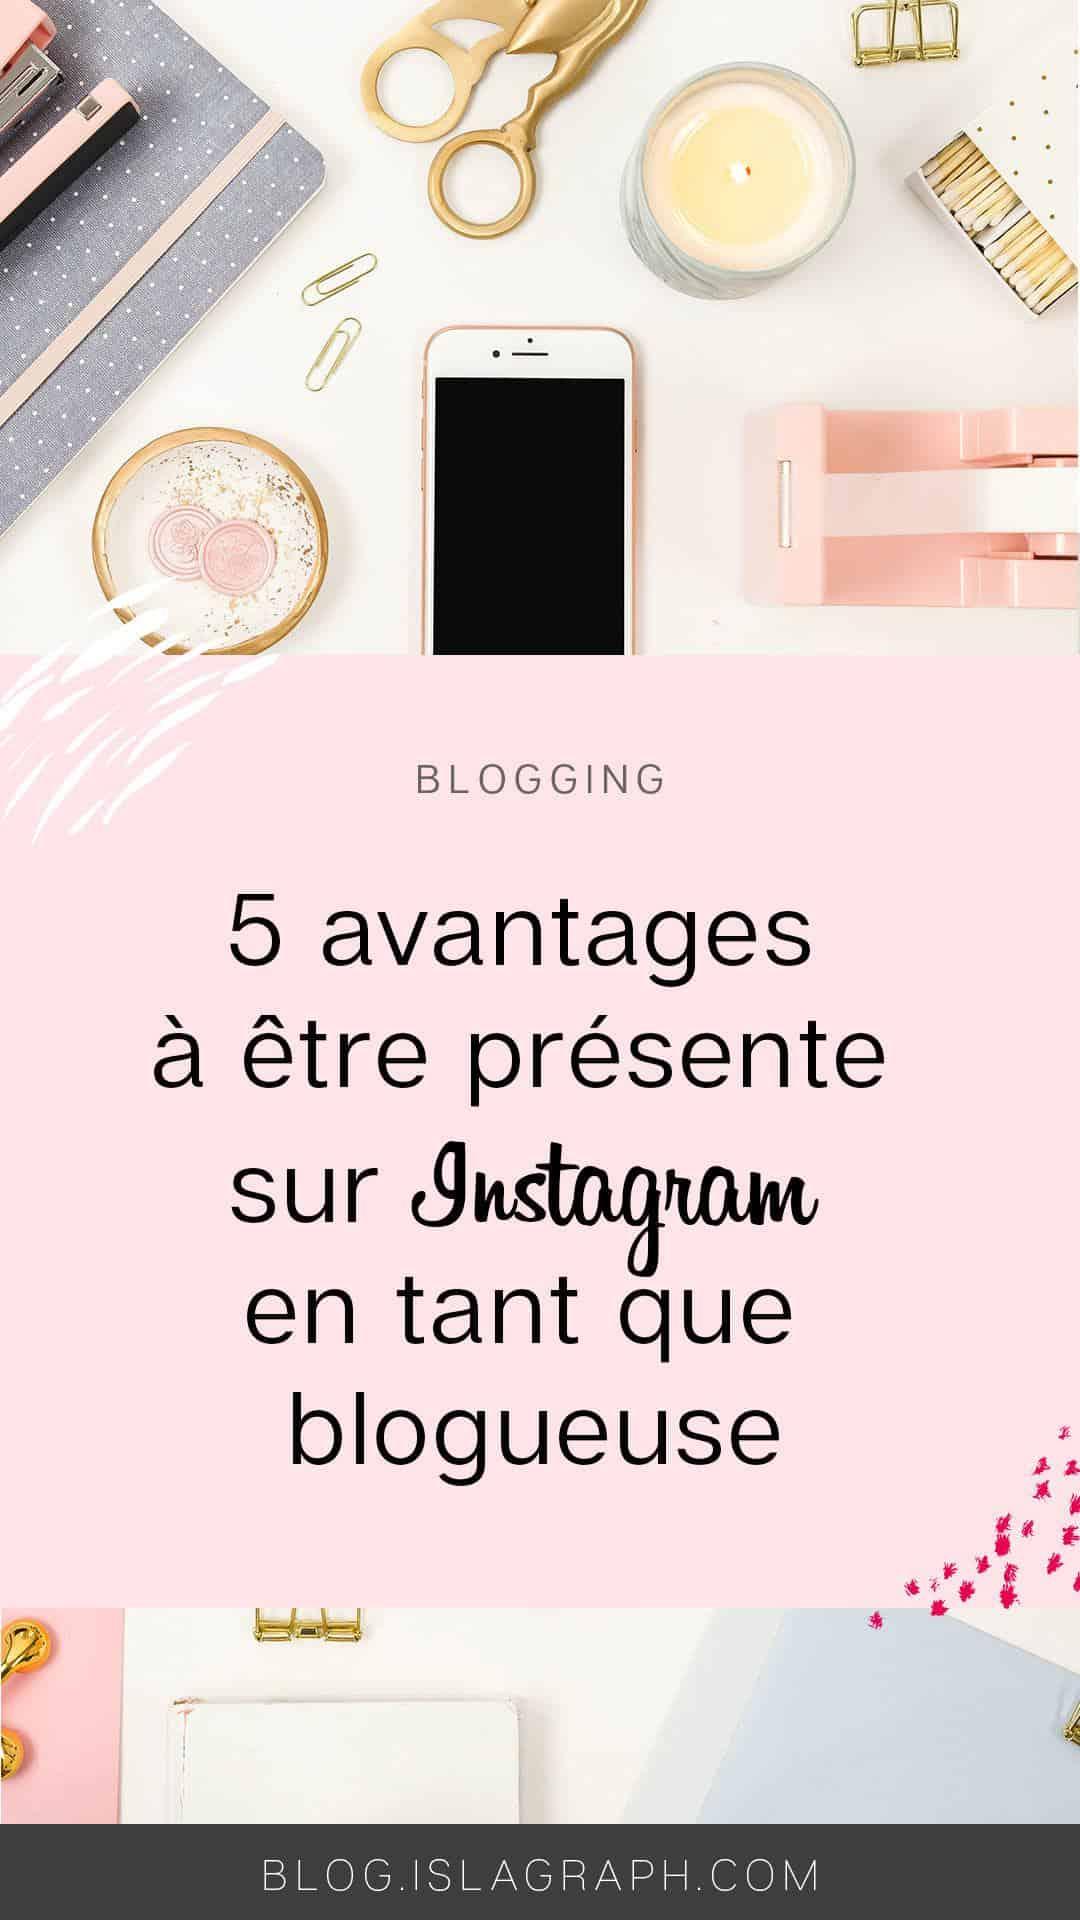 Quels sont les avantages à être présente sur Instagram en tant que blogueuse